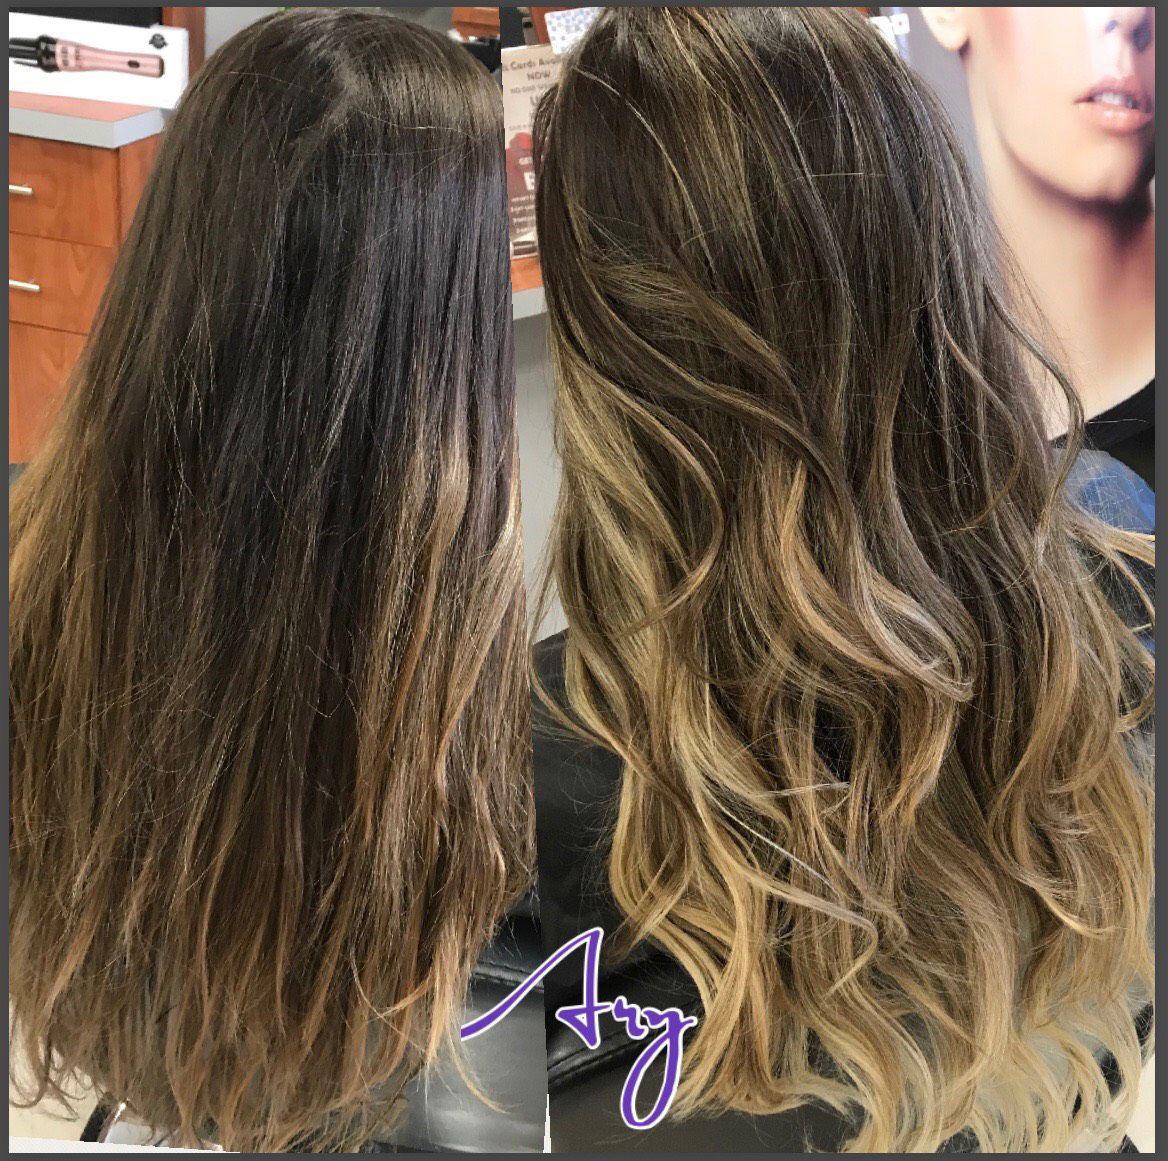 Wedding Hair, Miami, FL 33175 Salon HairSalon HairCare